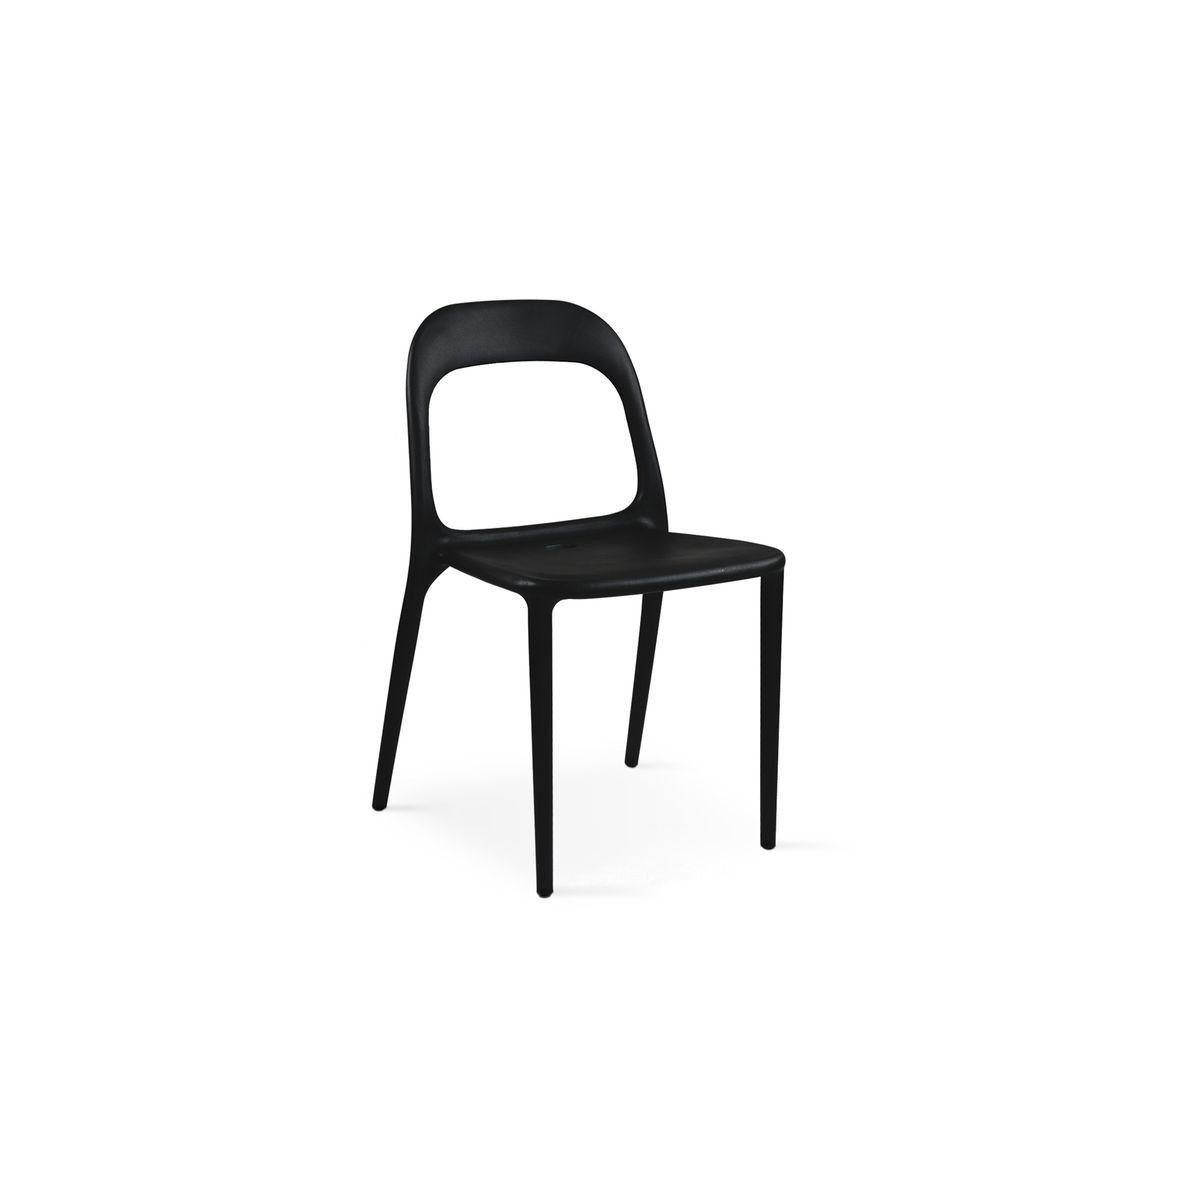 Chaise En Plastique De Jardin Taille Taille Unique Chaise Plastique Chaise Et Plastique